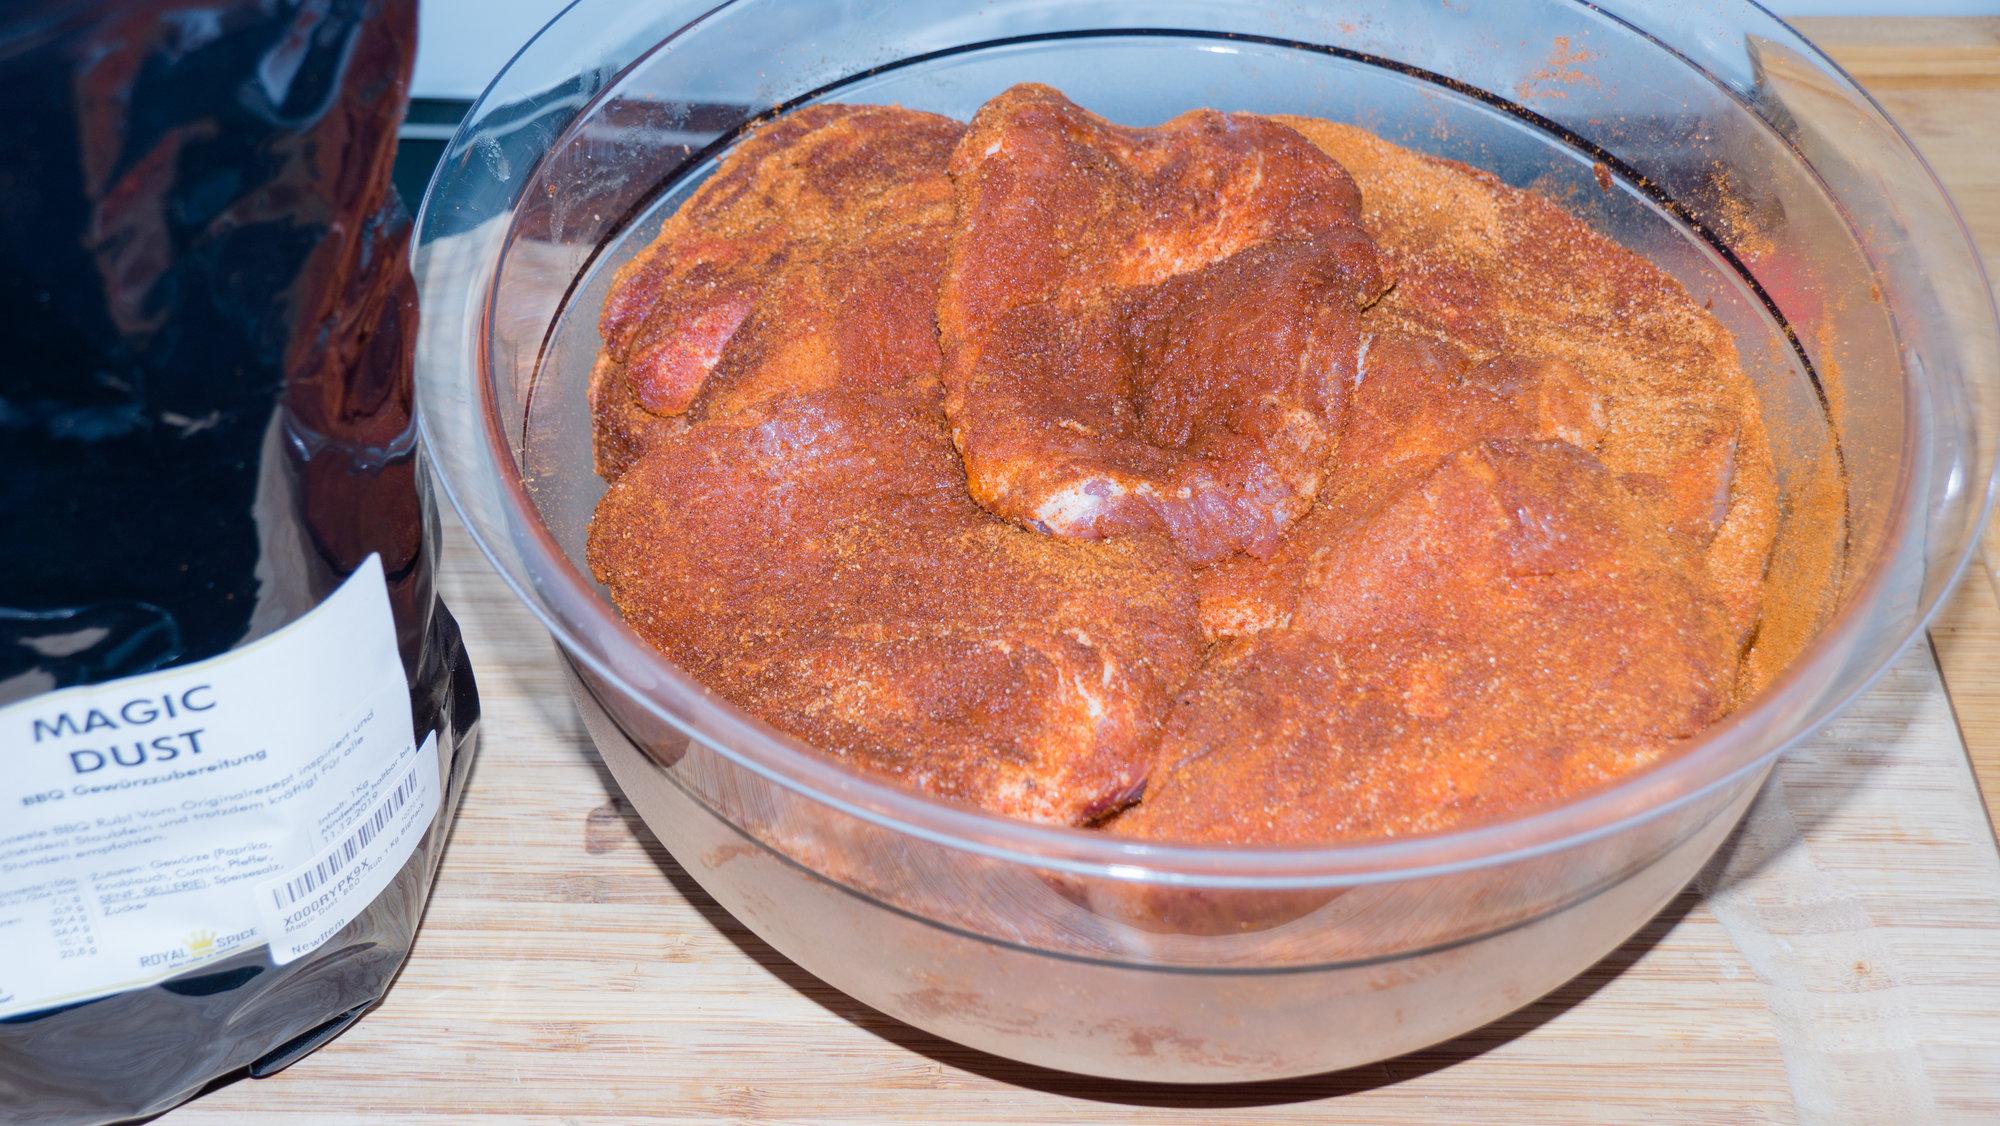 Bärenhunger-Schichtfleisch-Dopf-09307.jpg